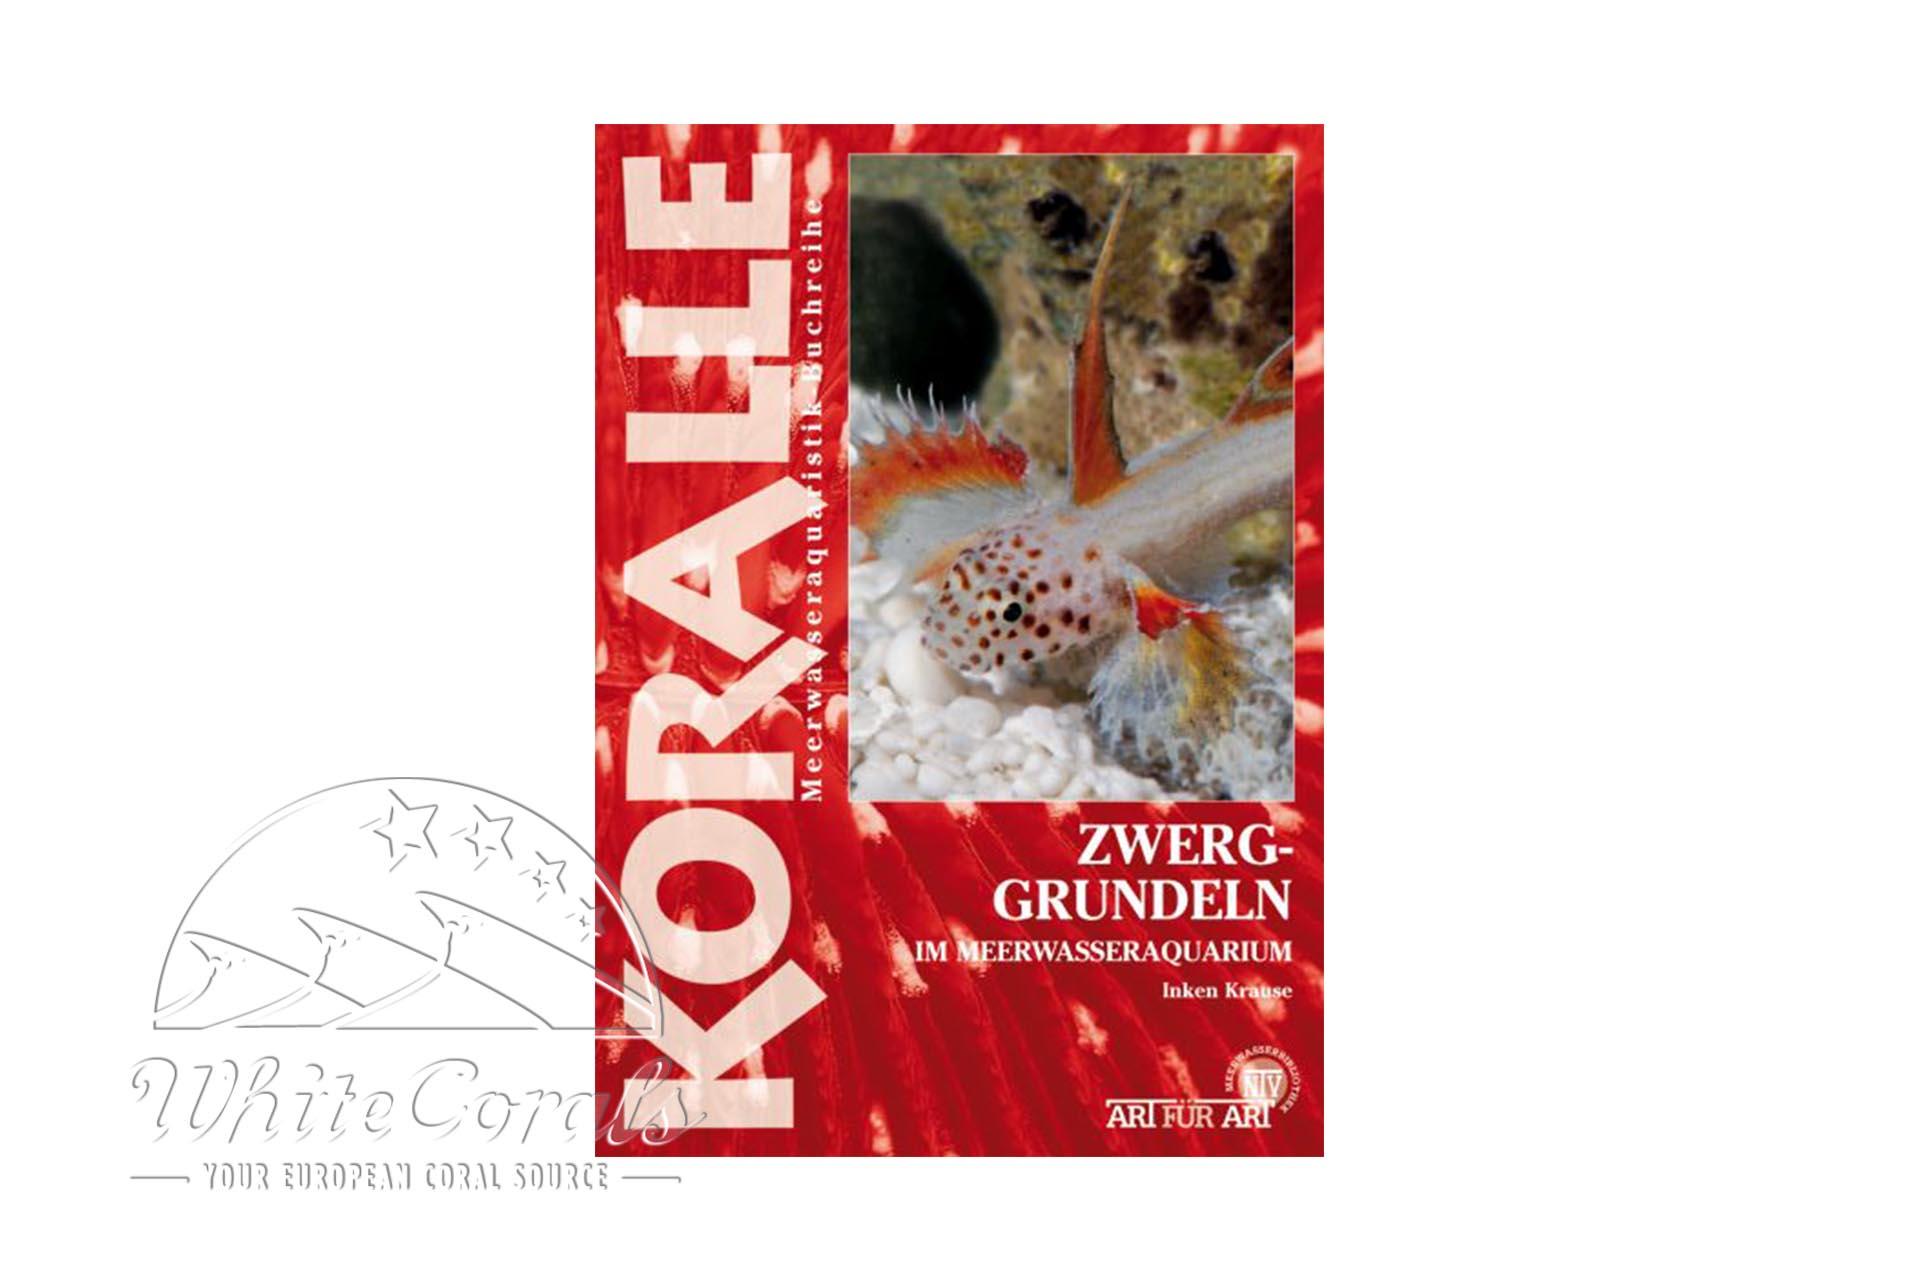 KORALLE - Zwerggrundeln im Meerwasseraquarium (Inken Krause)